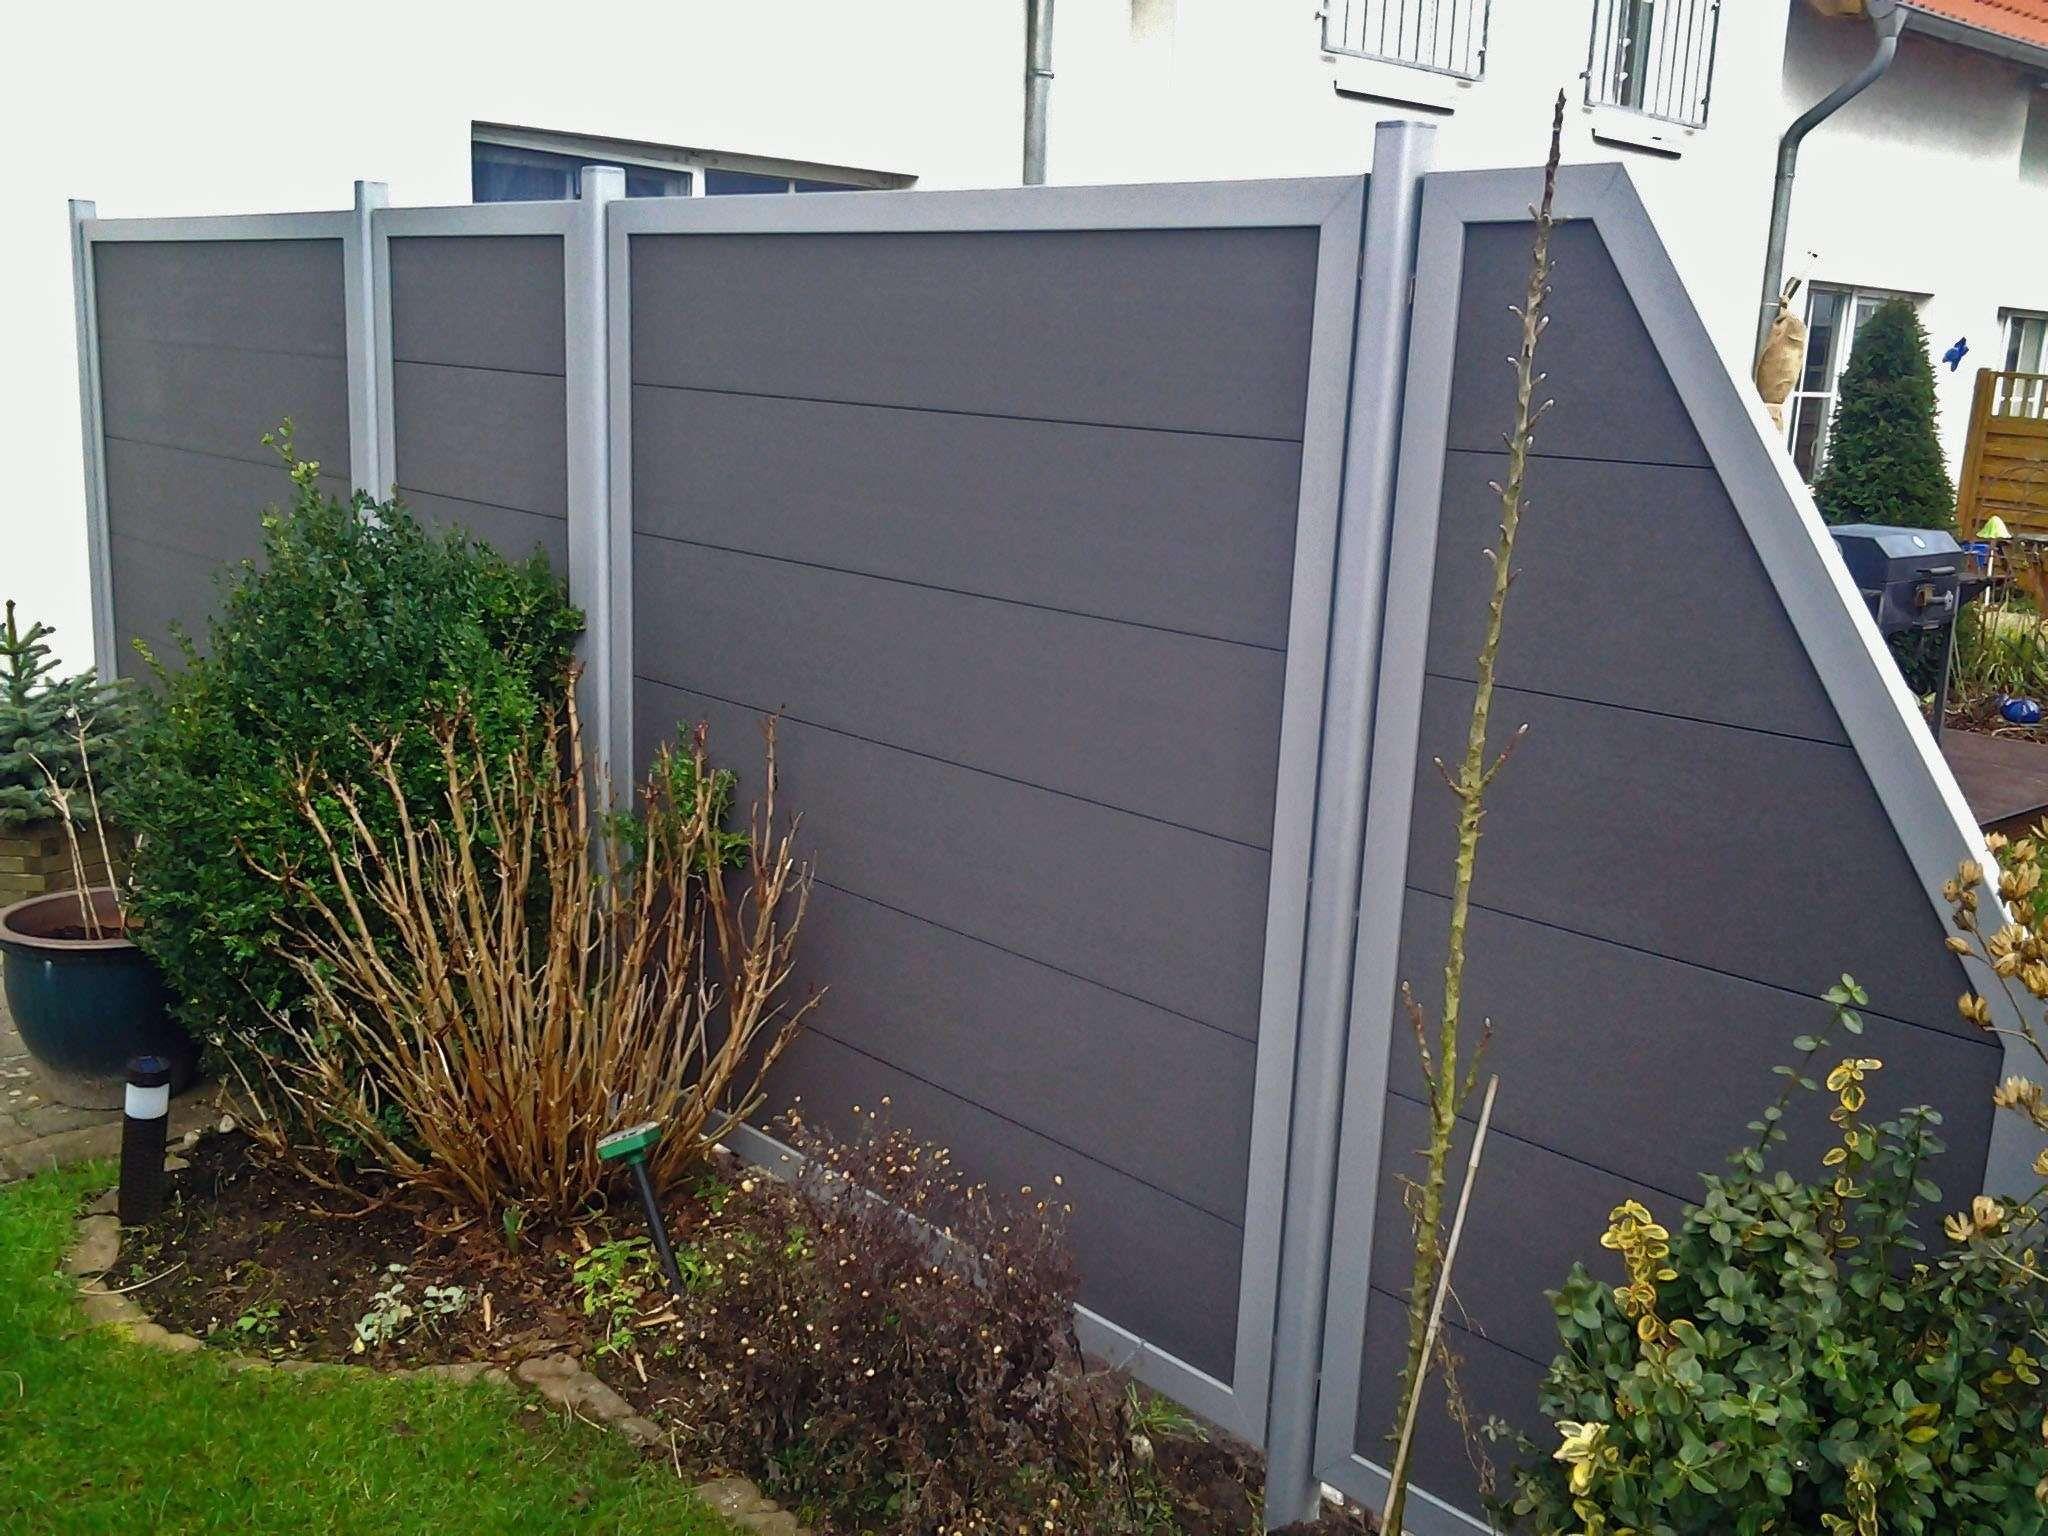 Ideen 45 Fur Bauhaus Sichtschutz Wpc Sichtschutz Wpc Terrasse